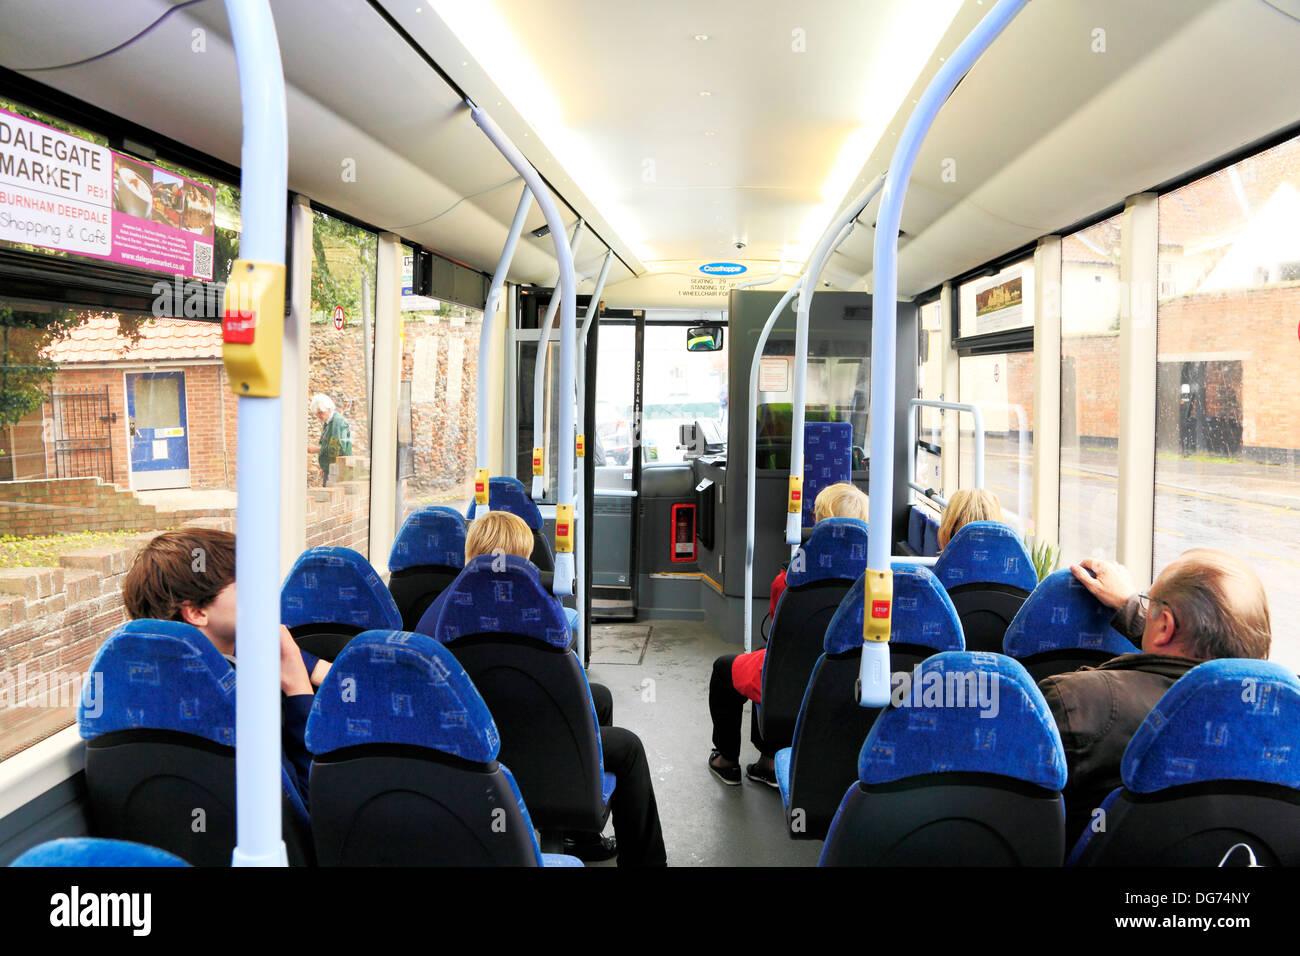 La tolva de la costa y los pasajeros de autobús, interior, Norfolk Inglaterra el servicio de transporte público, Coasthopper Imagen De Stock